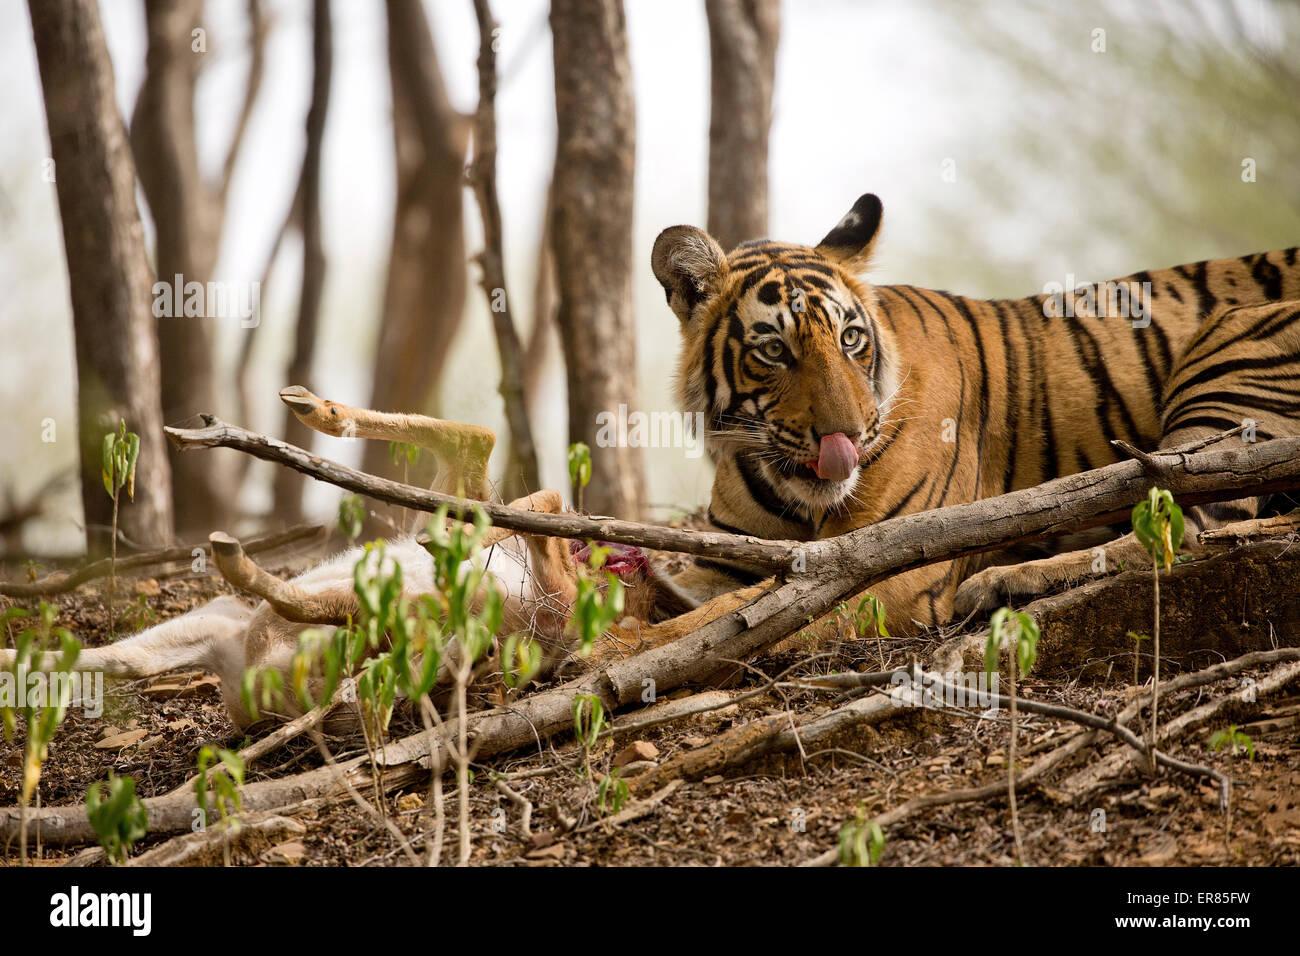 tiger licking stockfotos tiger licking bilder alamy. Black Bedroom Furniture Sets. Home Design Ideas